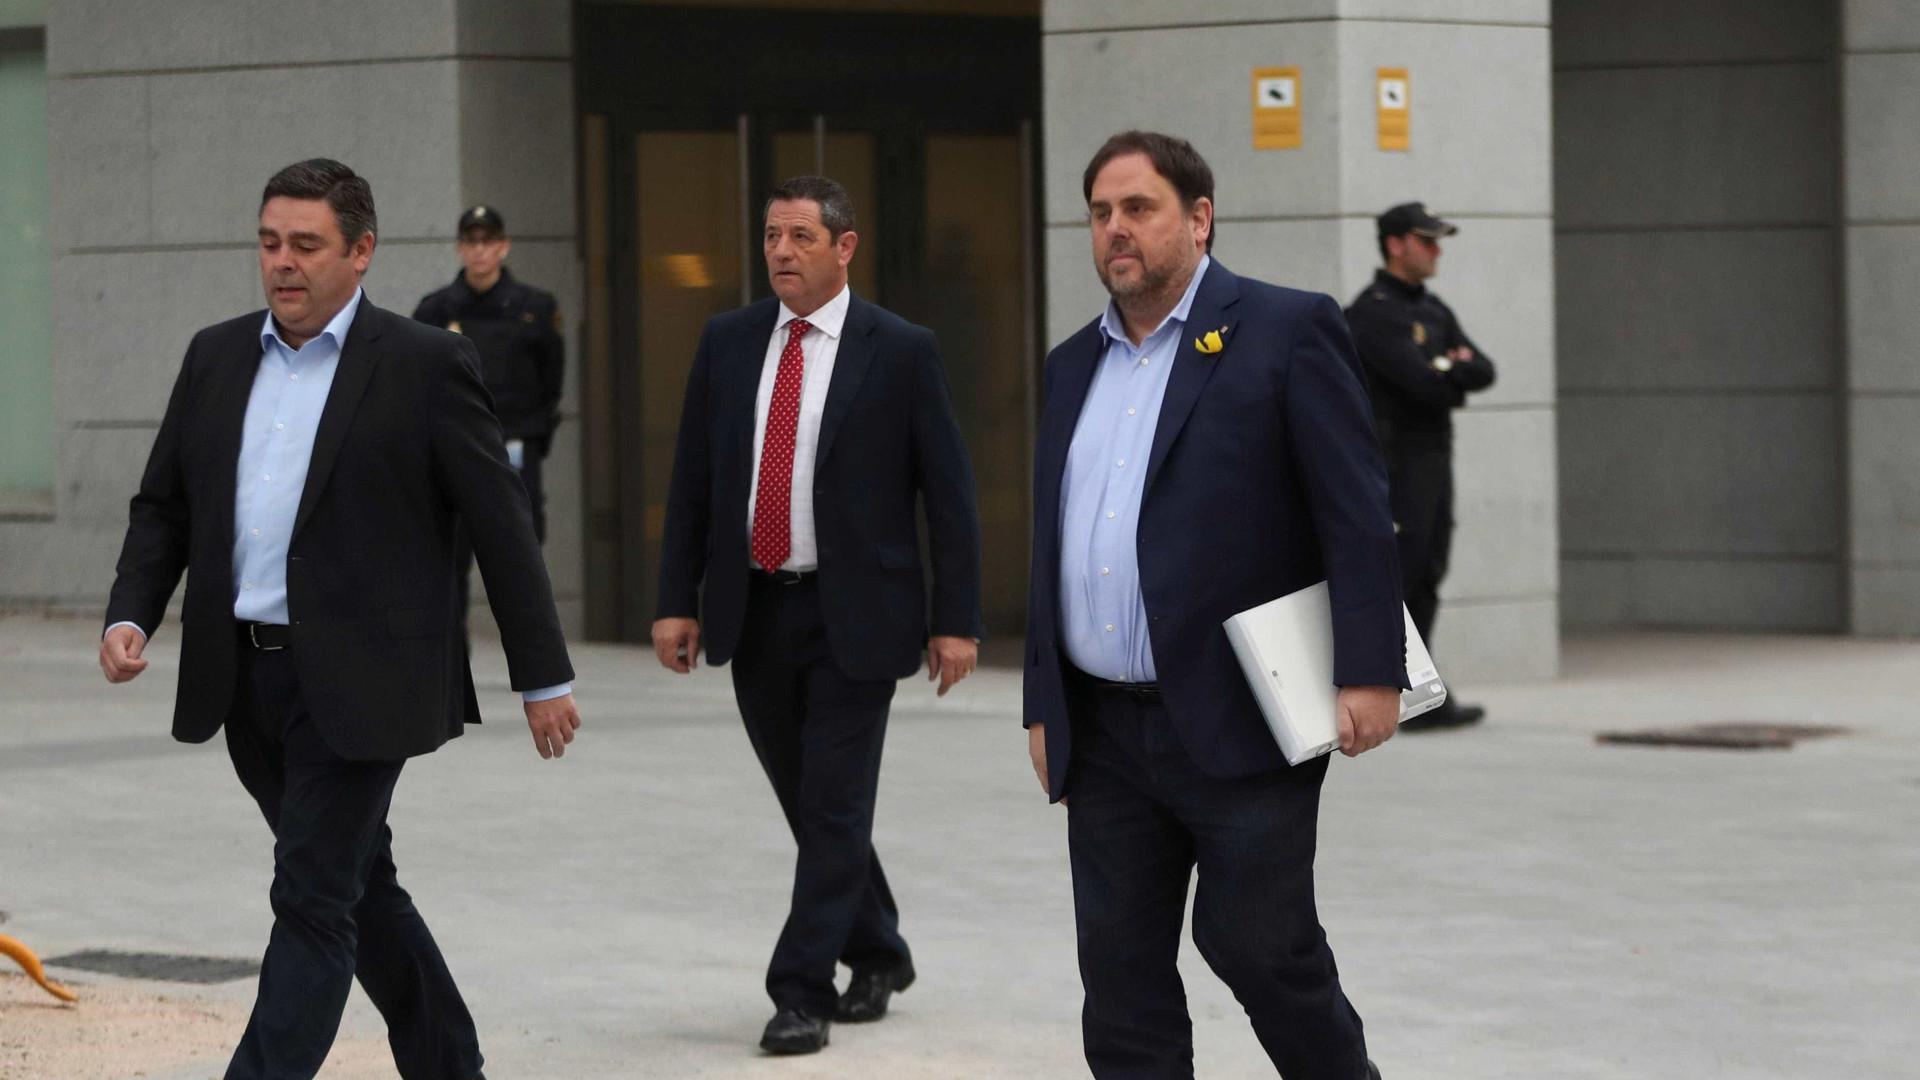 Ministério Público pede prisão para membros do Governo destituído — Catalunha